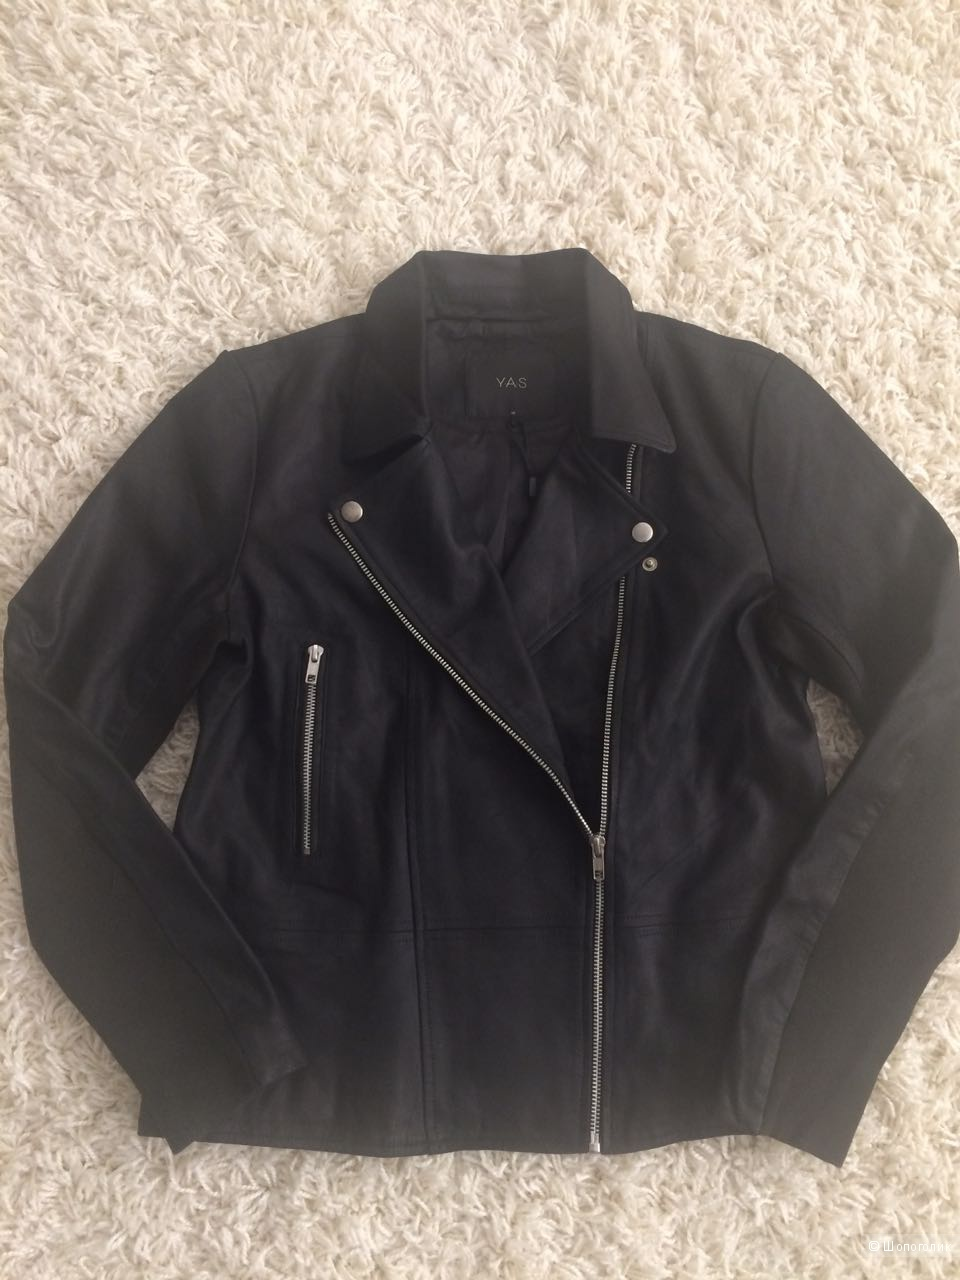 Кожаная байкерская куртка Y.A.S Sophie, 46-48 размер.